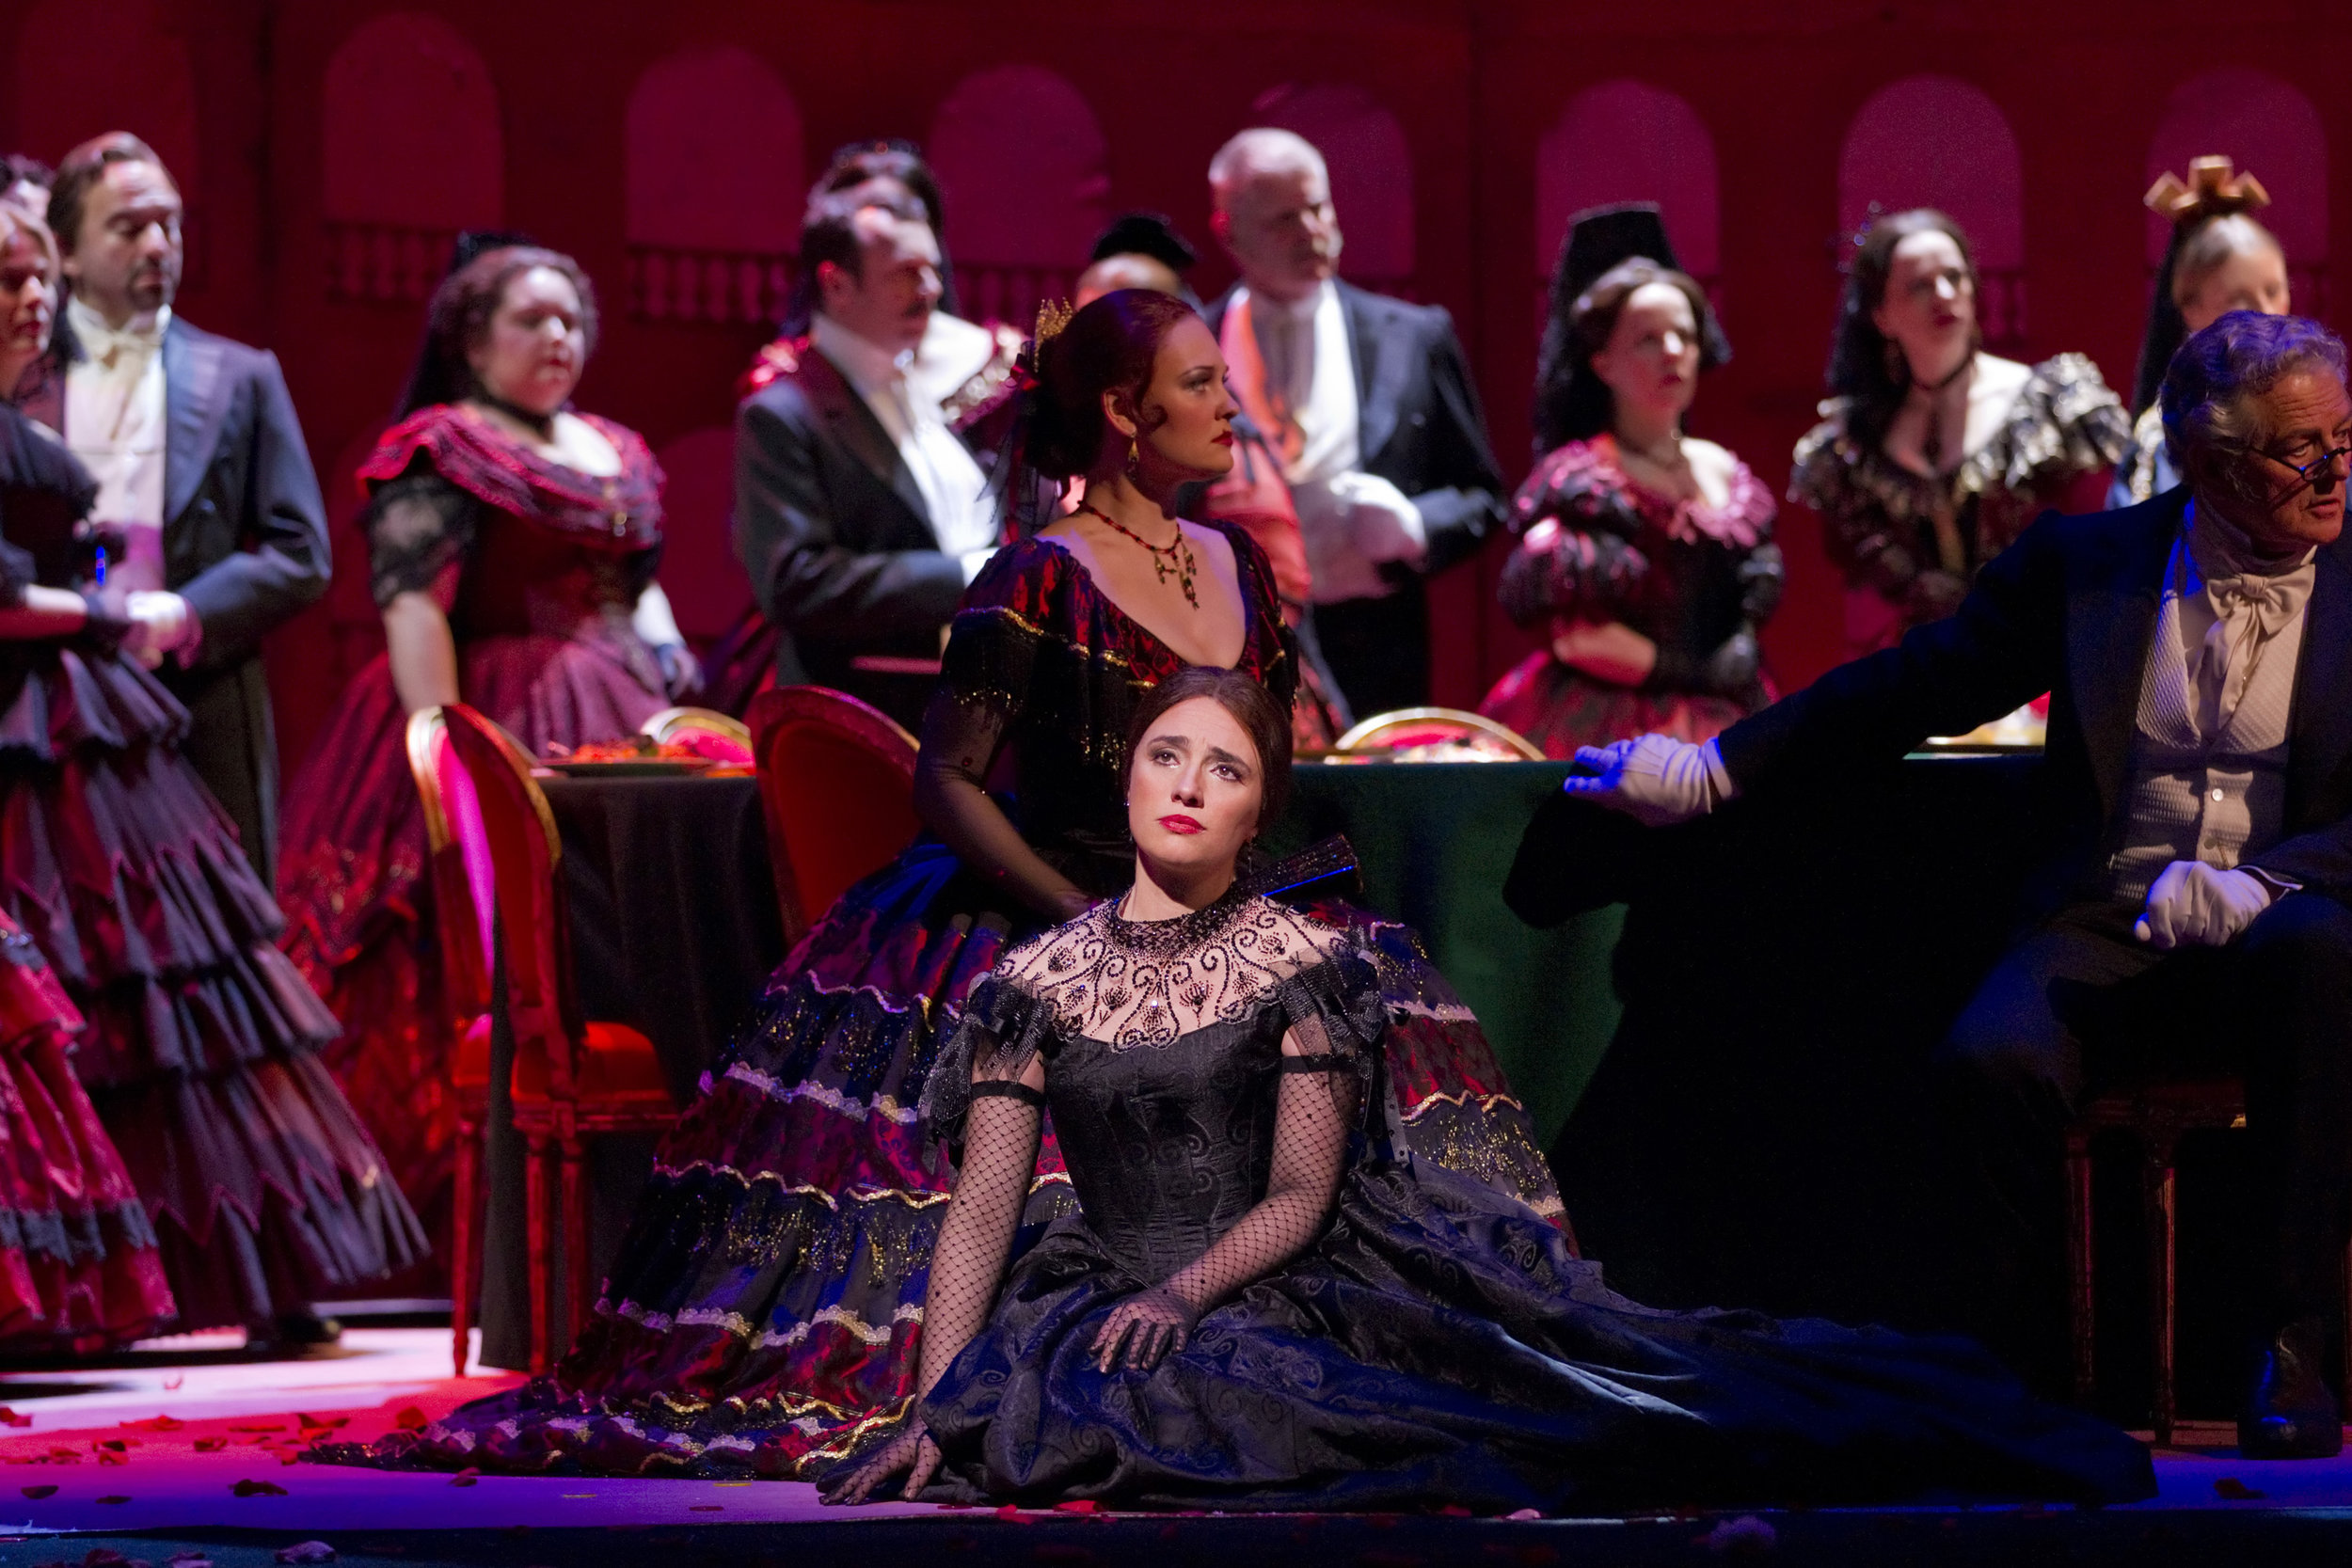 LA TRAVIATA. Ermonela Jaho in La traviata. (c) ROH Johan Persson (2010).jpg